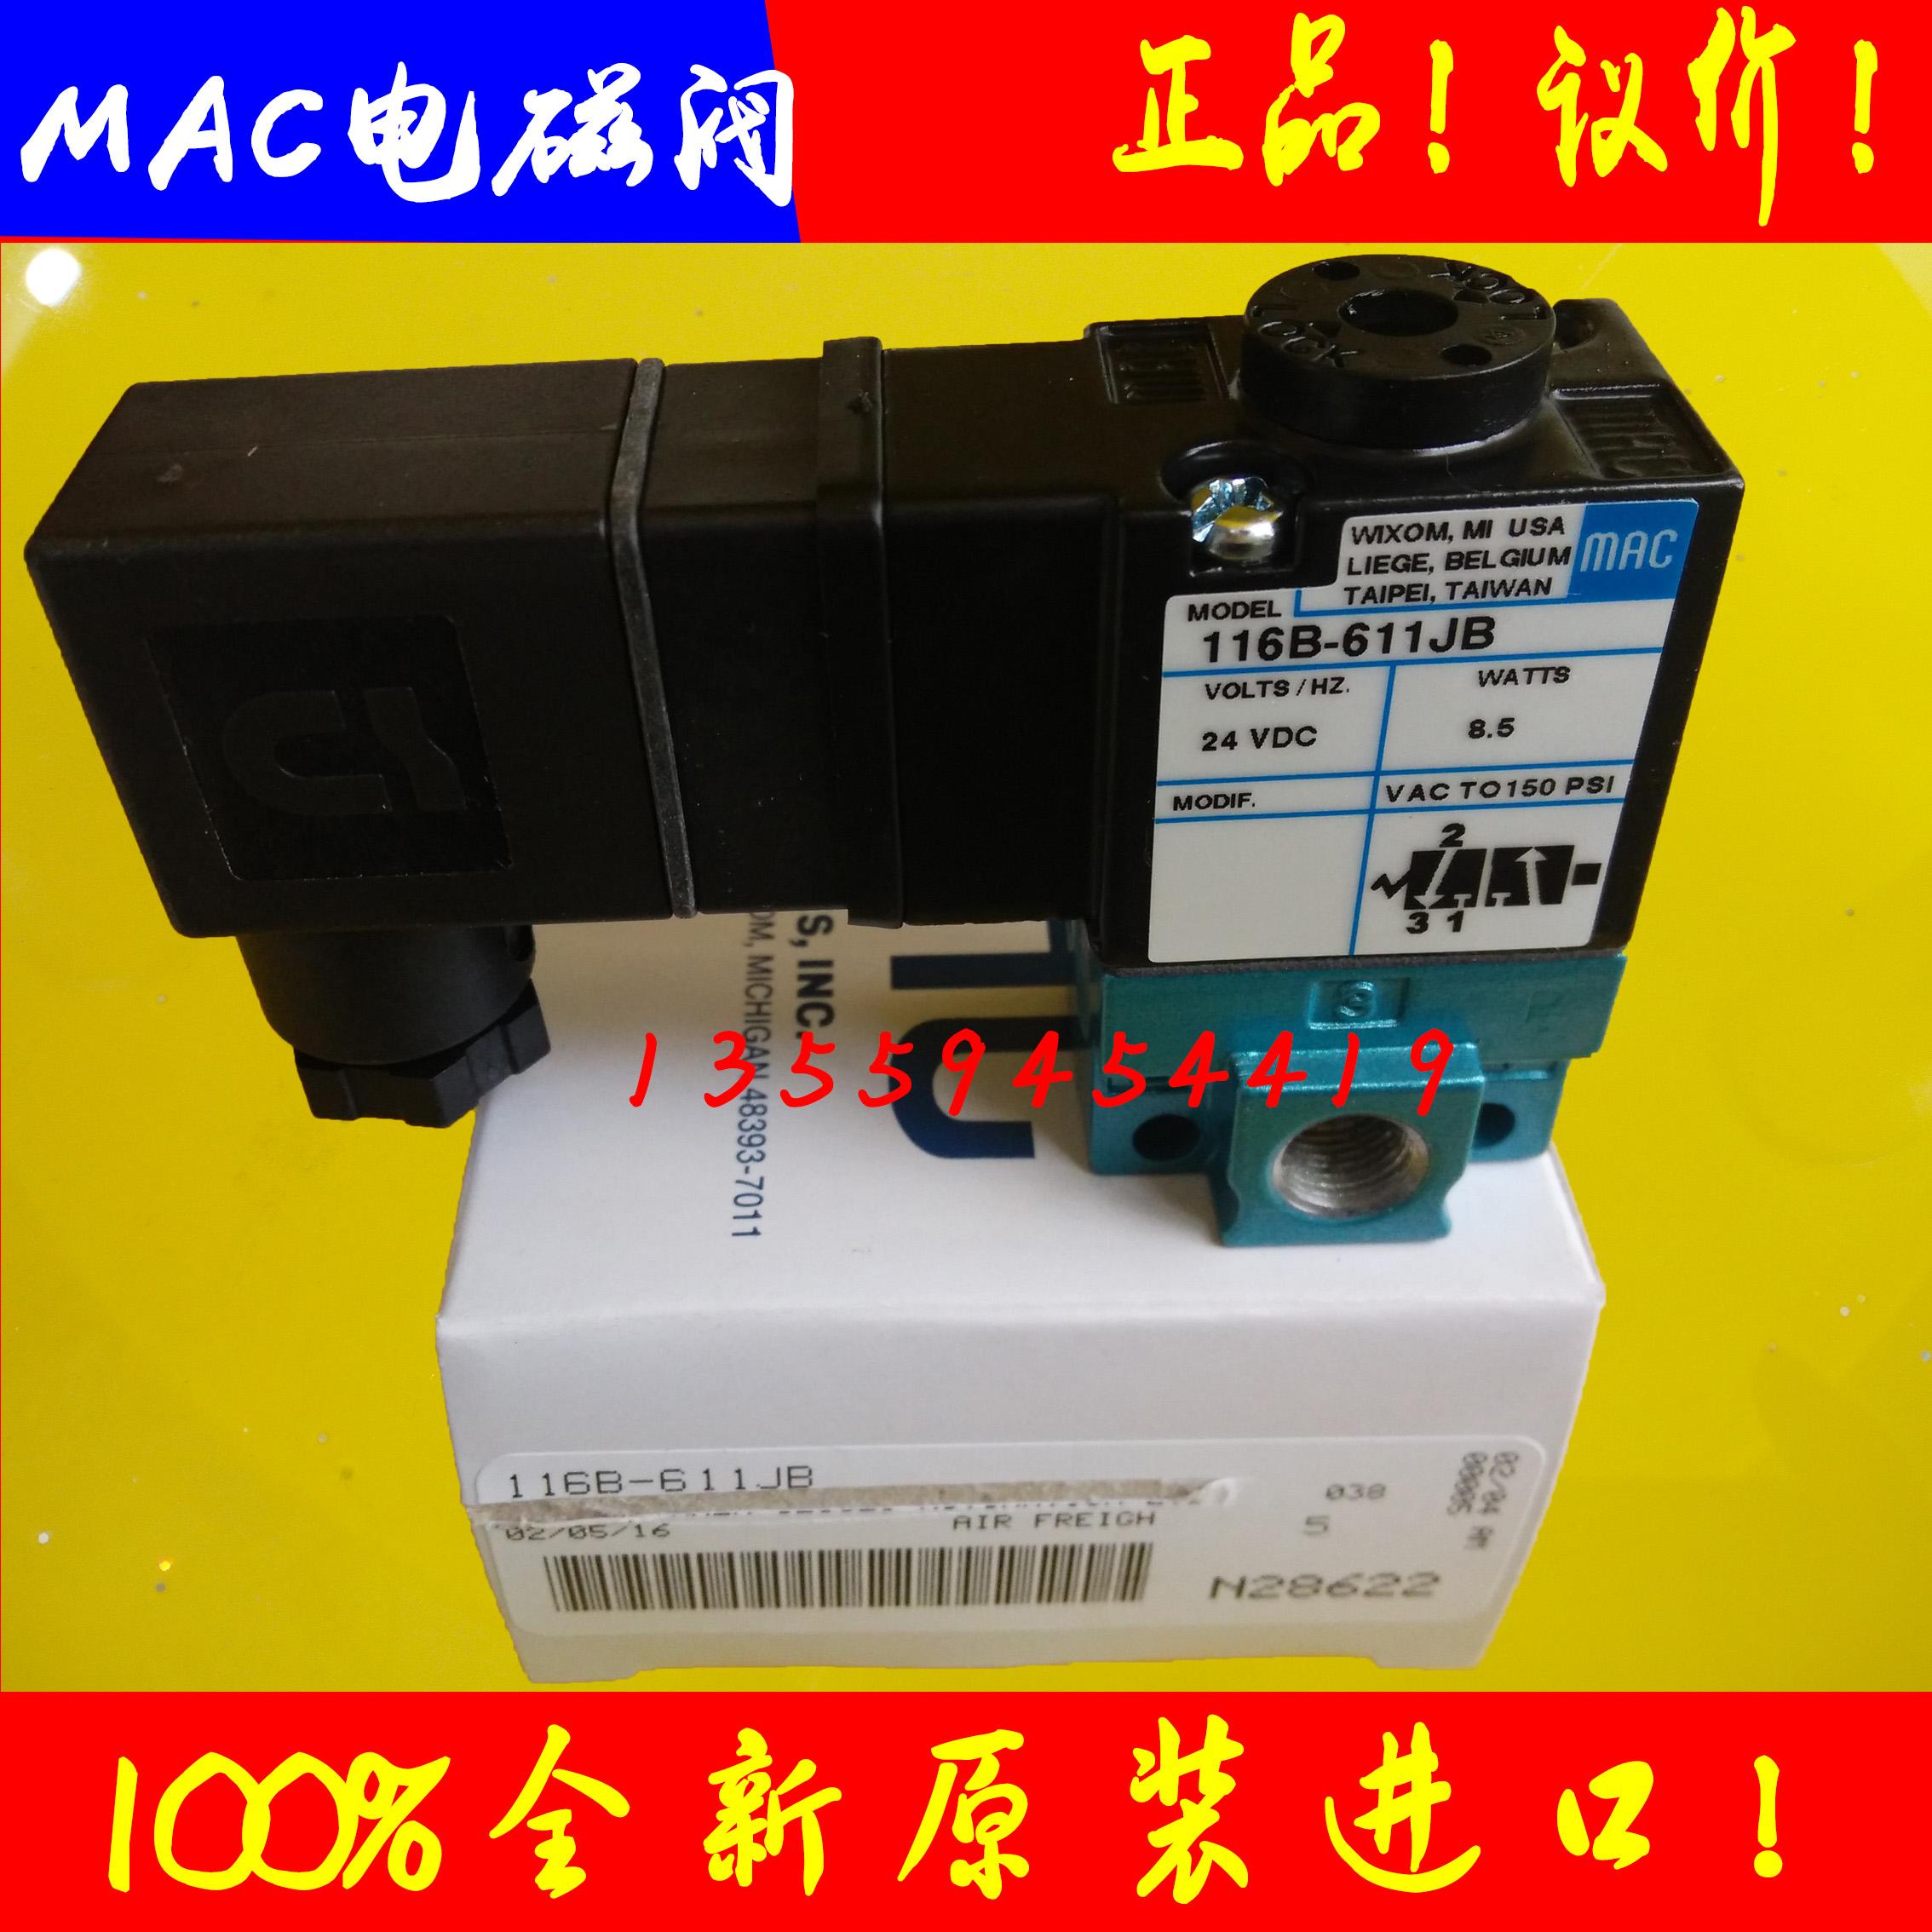 미국 MAC 전자 밸브 116B-611JB 오리지날 정품 현물 가방 우편 값